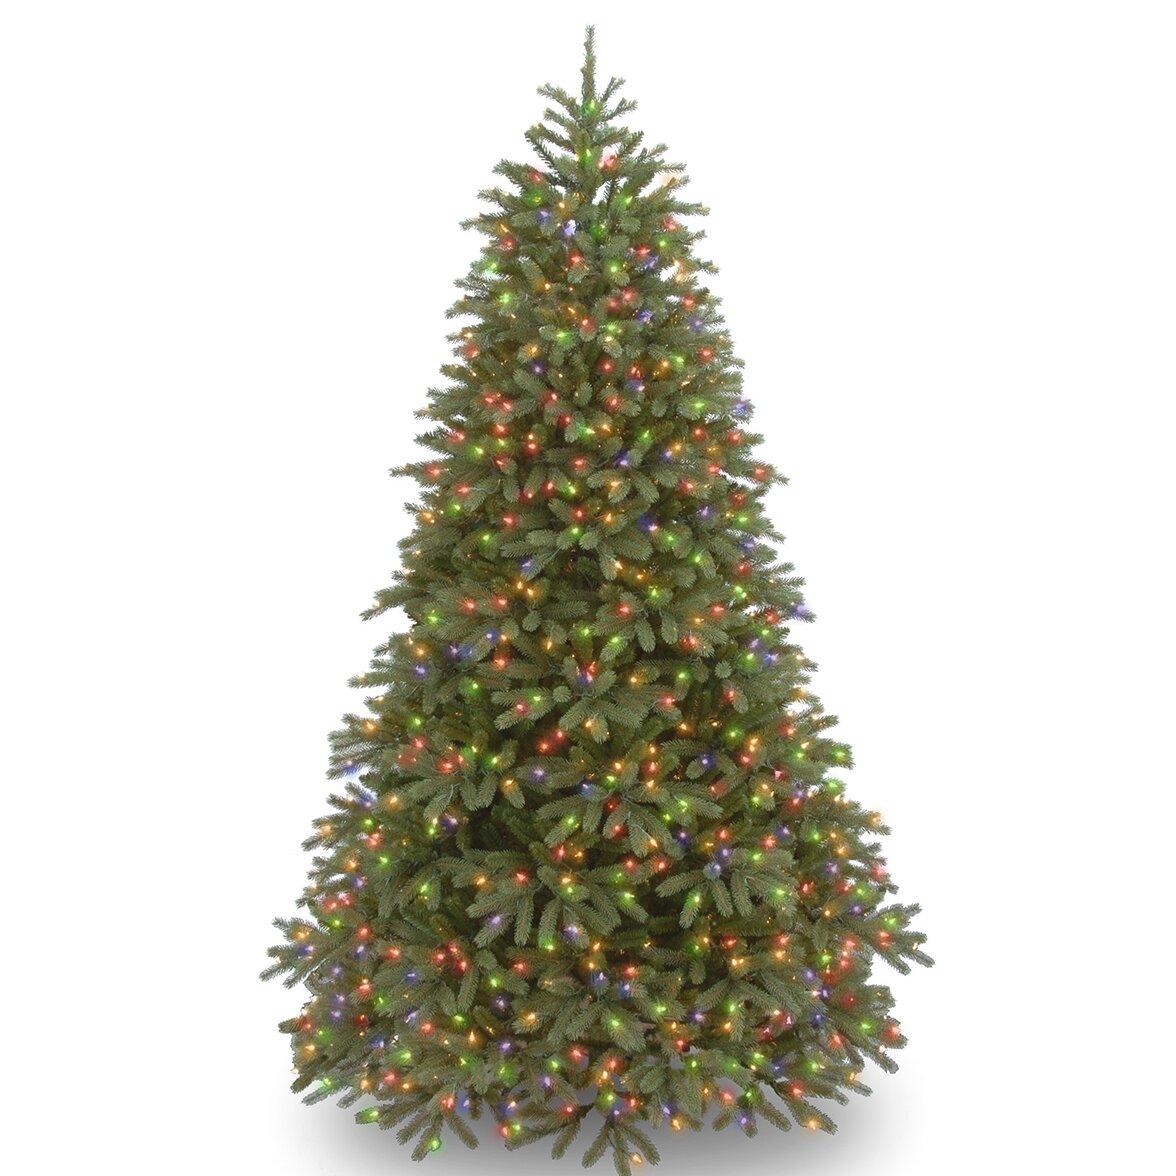 Fraser Fir Christmas Trees: National Tree Co. Jersey Fraser Fir 7.5' Green Artificial